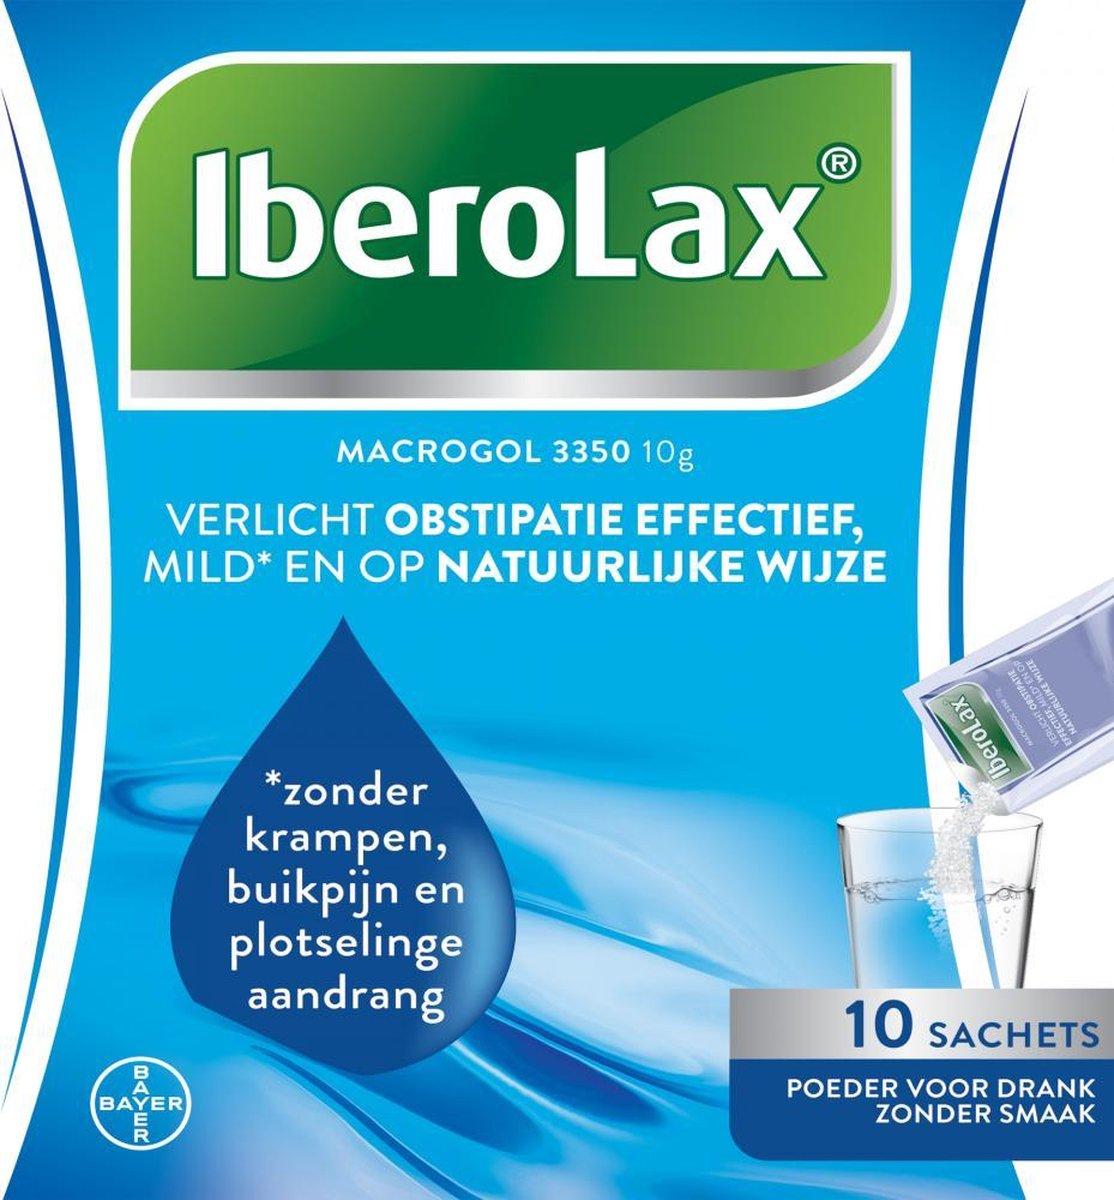 Iberolax verlicht obstipatie effectief, 20 sachets